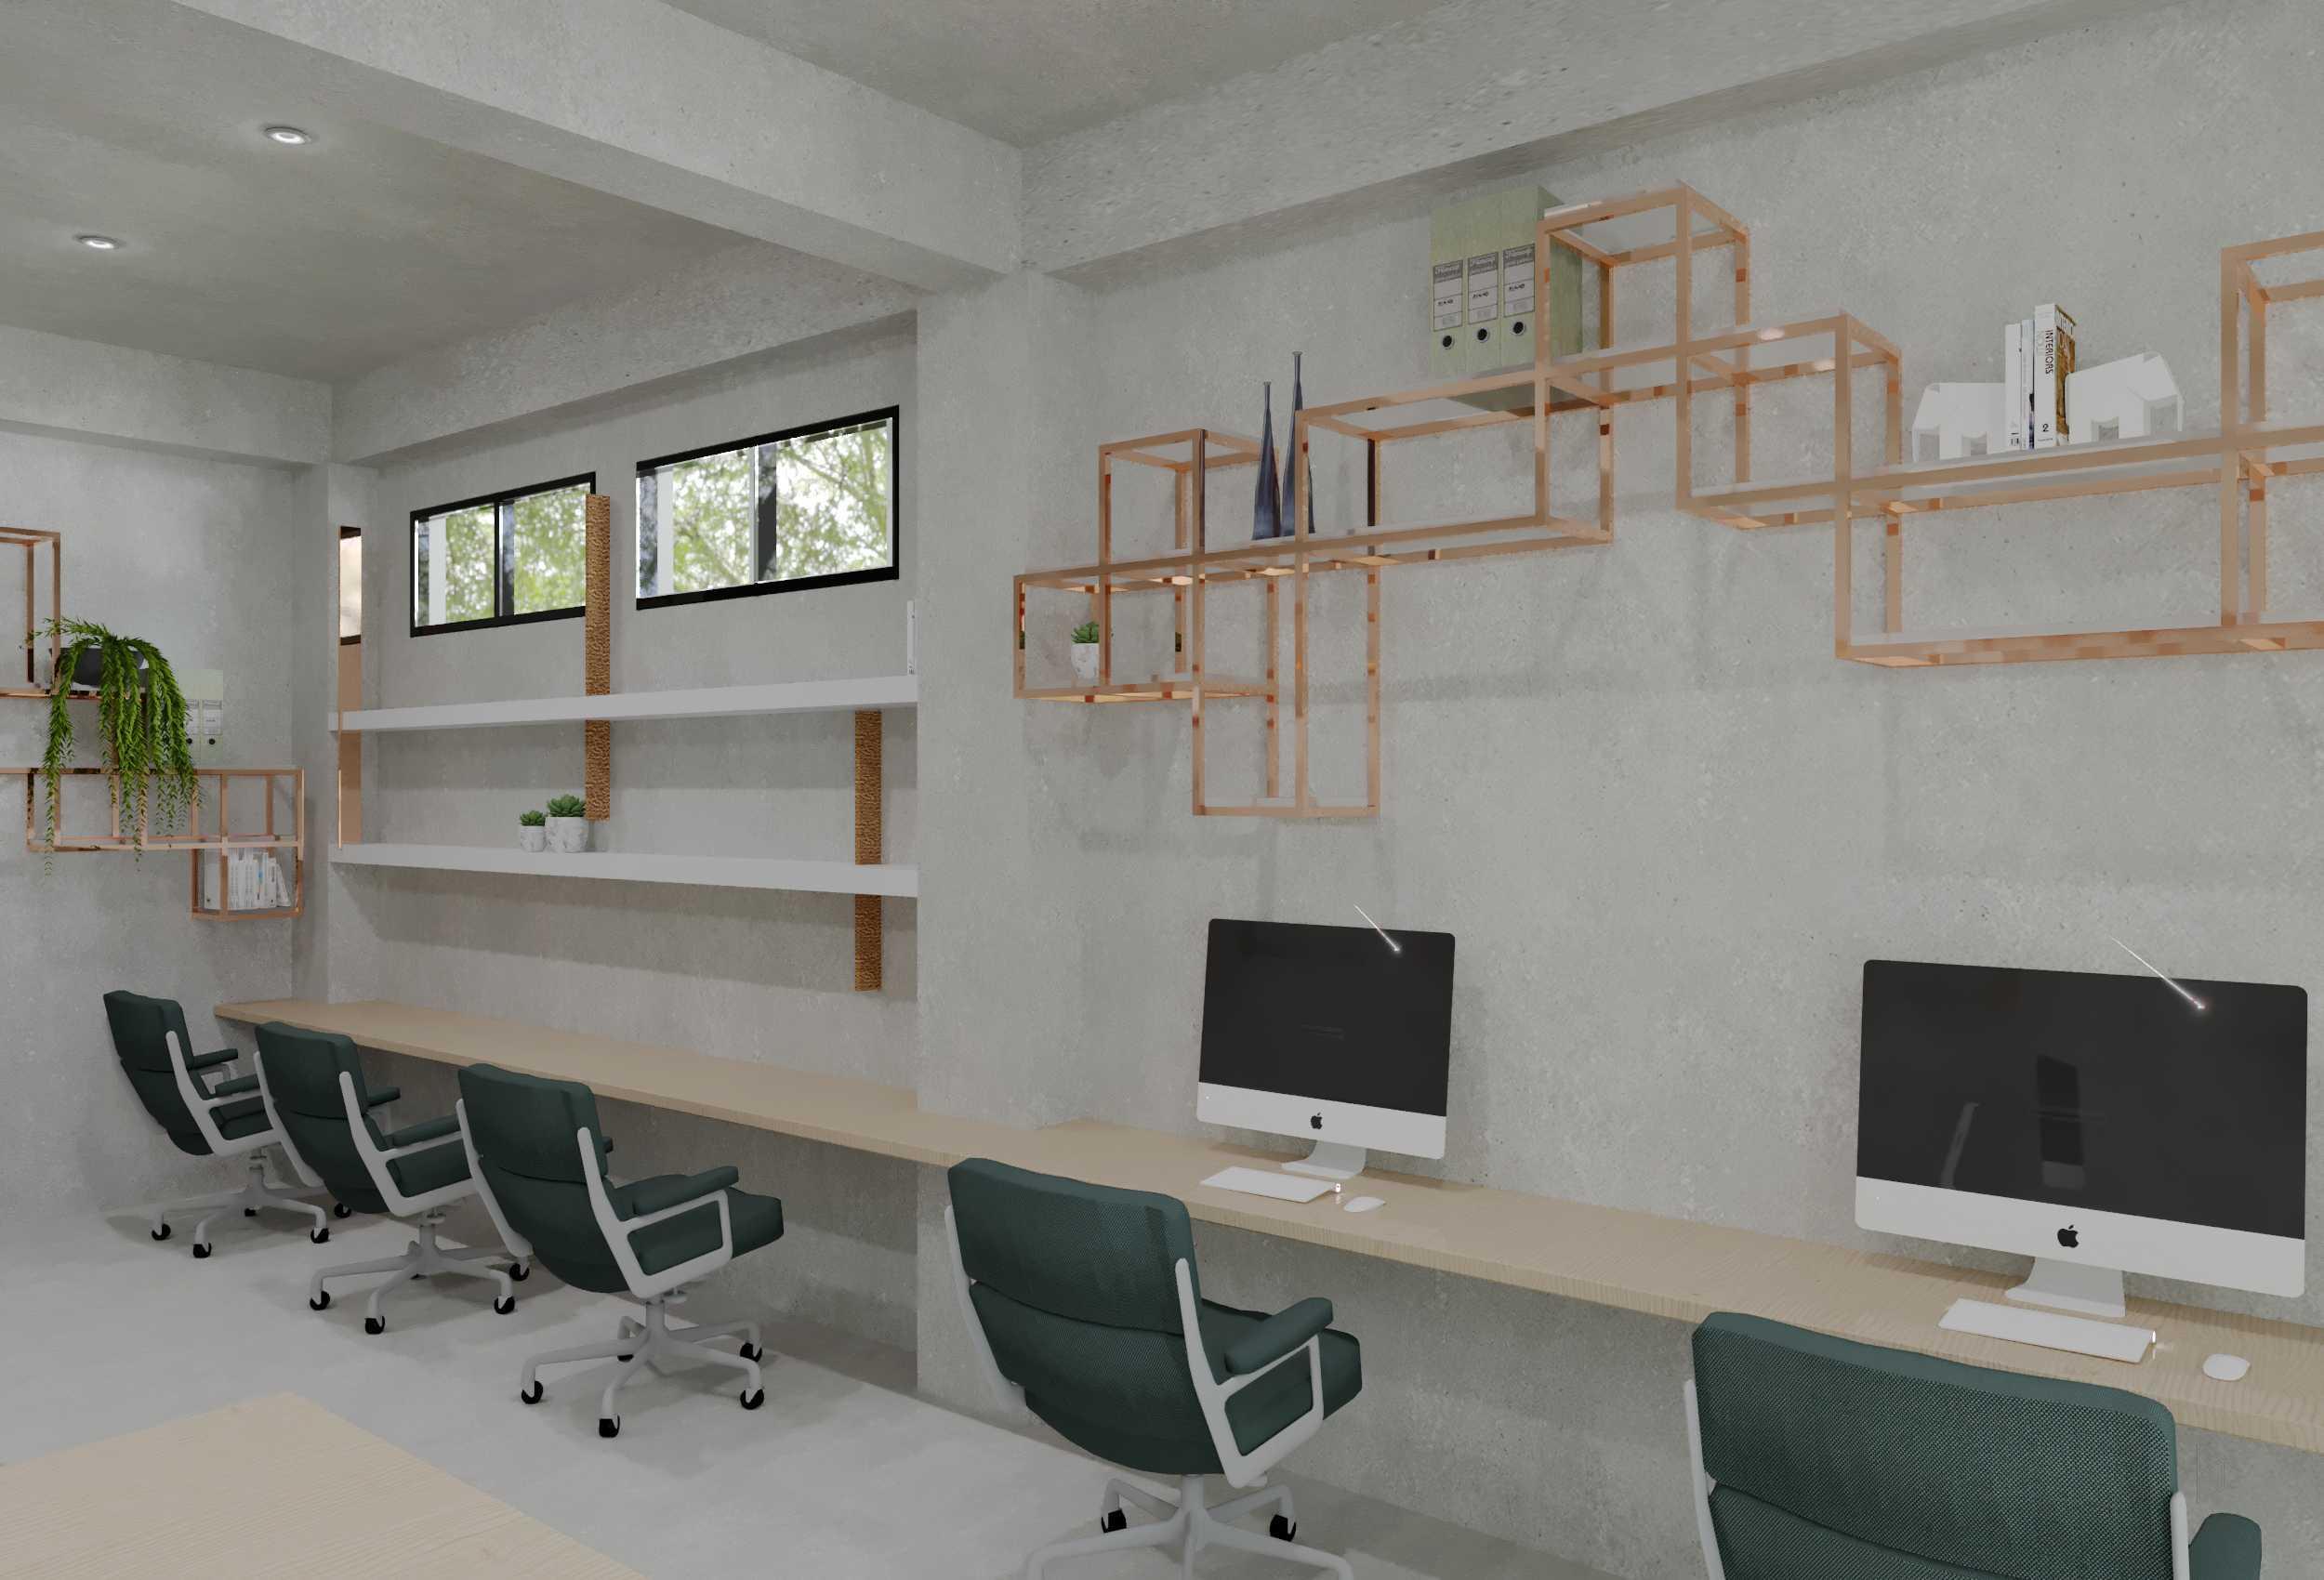 Ties Design & Build Cv Office Kec. Mampang Prpt., Kota Jakarta Selatan, Daerah Khusus Ibukota Jakarta, Indonesia Kec. Mampang Prpt., Kota Jakarta Selatan, Daerah Khusus Ibukota Jakarta, Indonesia Staff Area- 2Nd Floor   71786